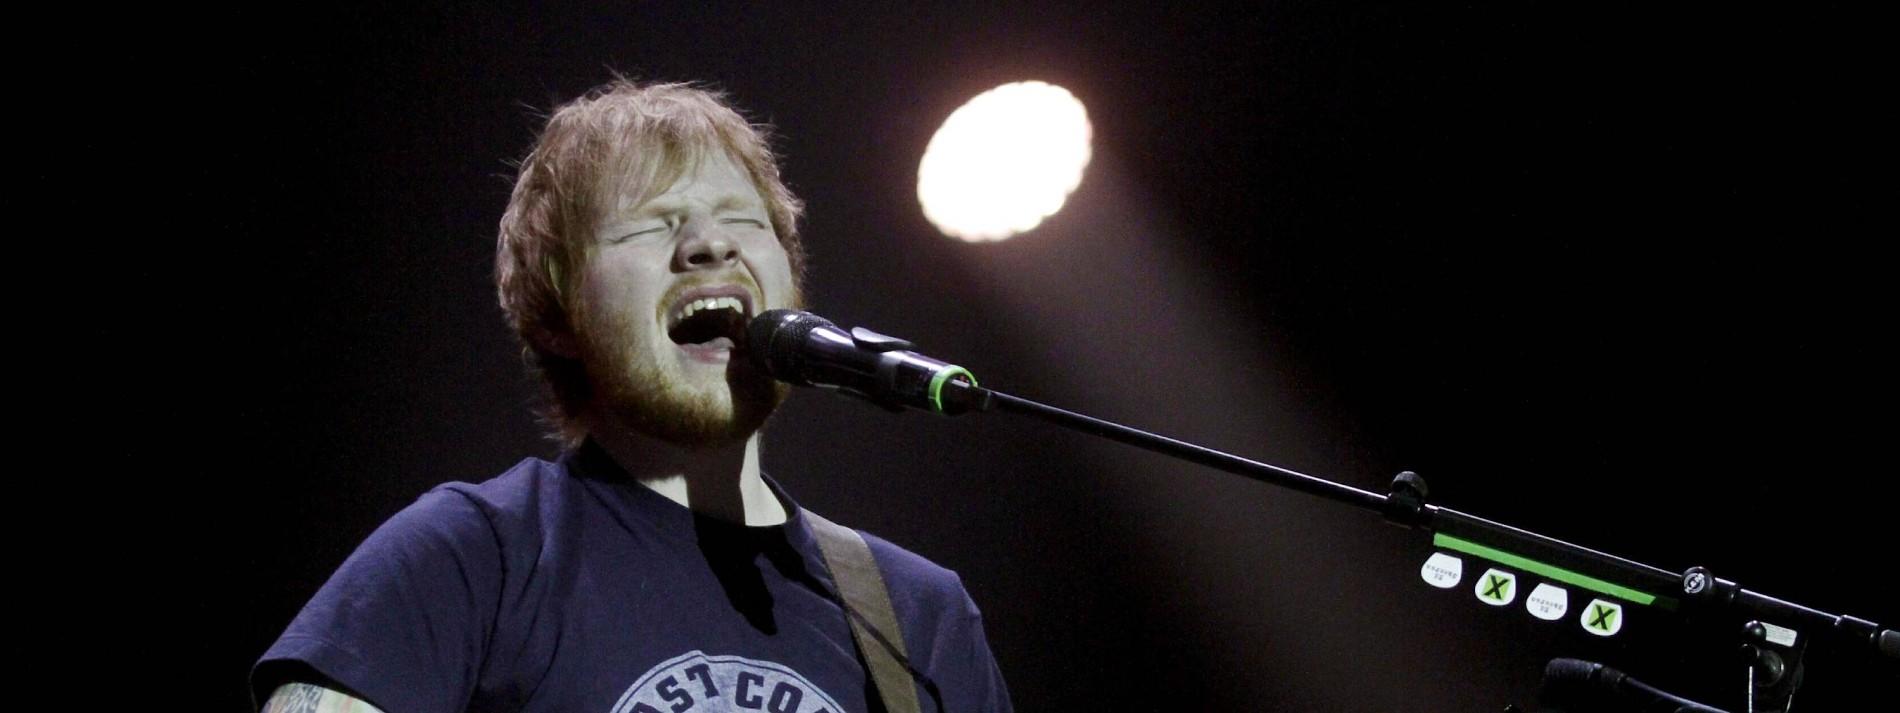 Konzert von Ed Sheeran nach Gelsenkirchen verlegt